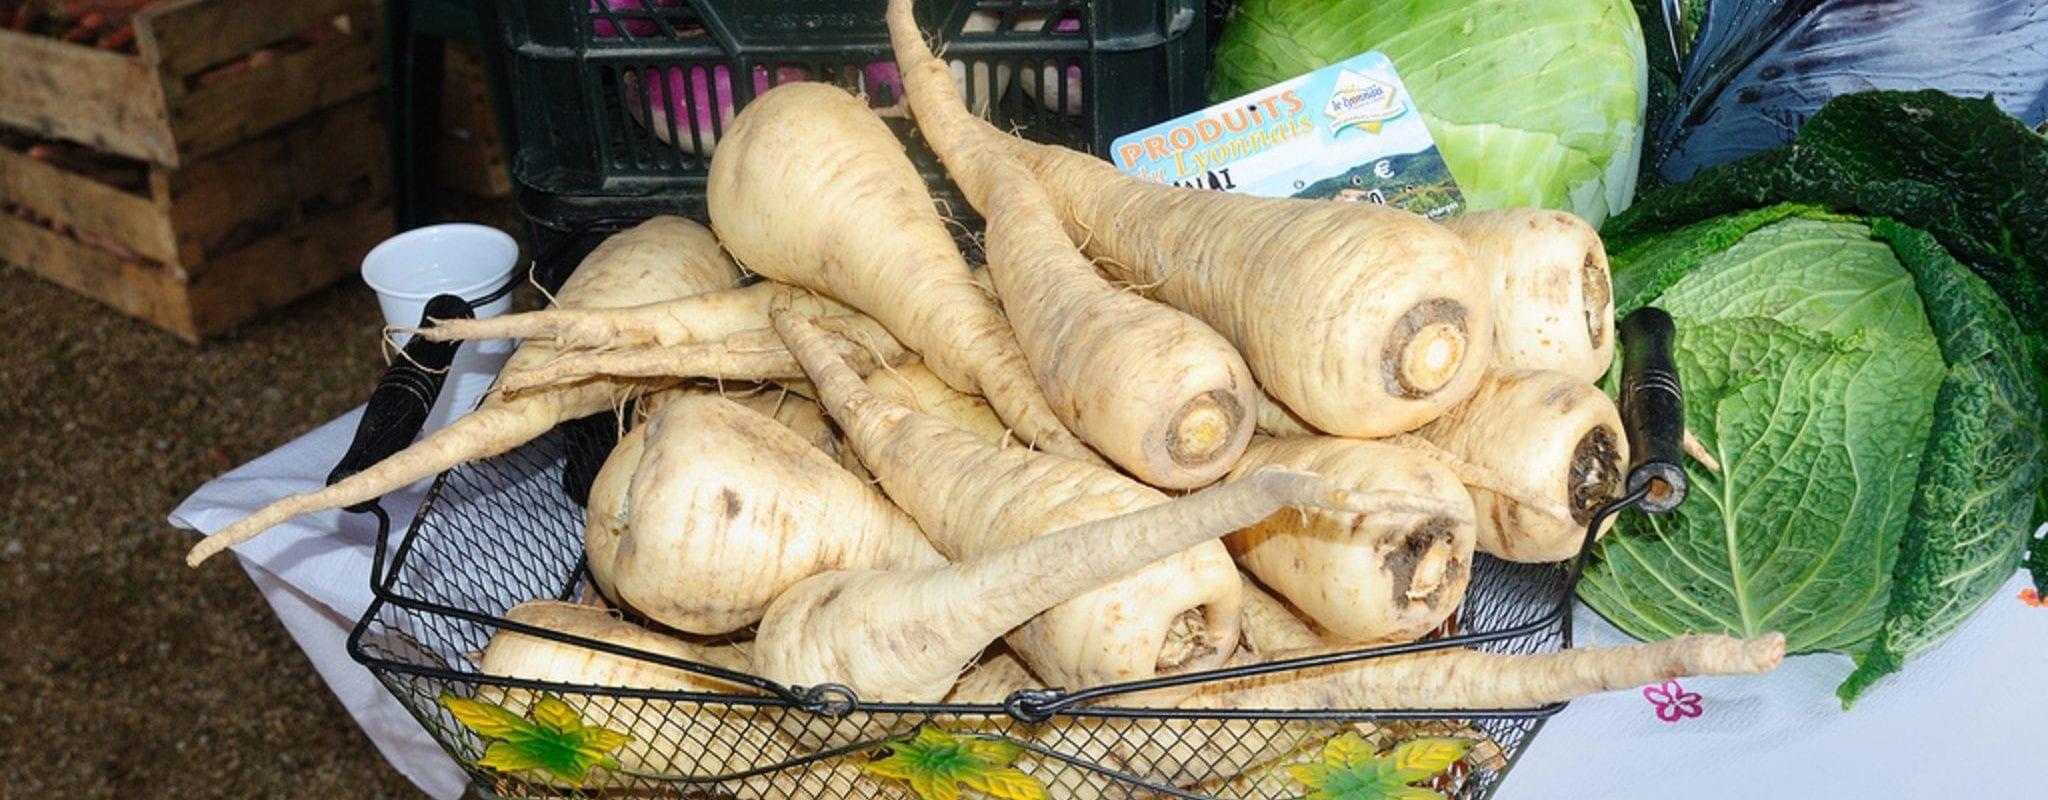 🥕Où s'abonner à un panier de légumes en AMAP à Strasbourg ?🍅